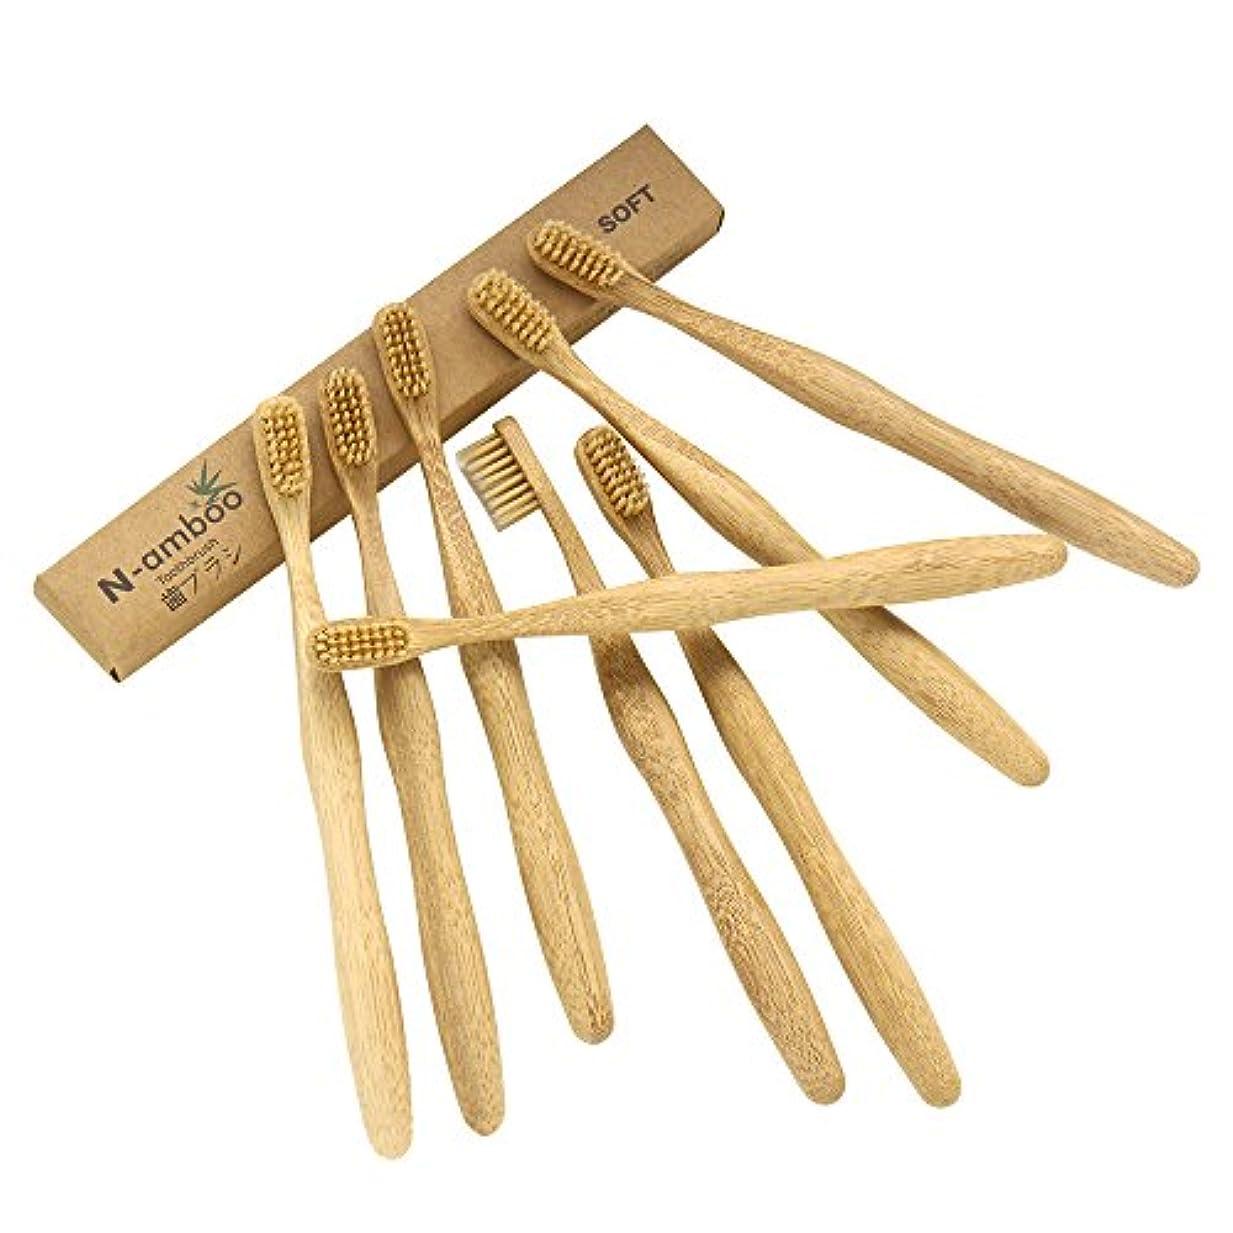 テクスチャー王子生むN-amboo 竹製耐久度高い 歯ブラシ ベージュ 8本入り セット